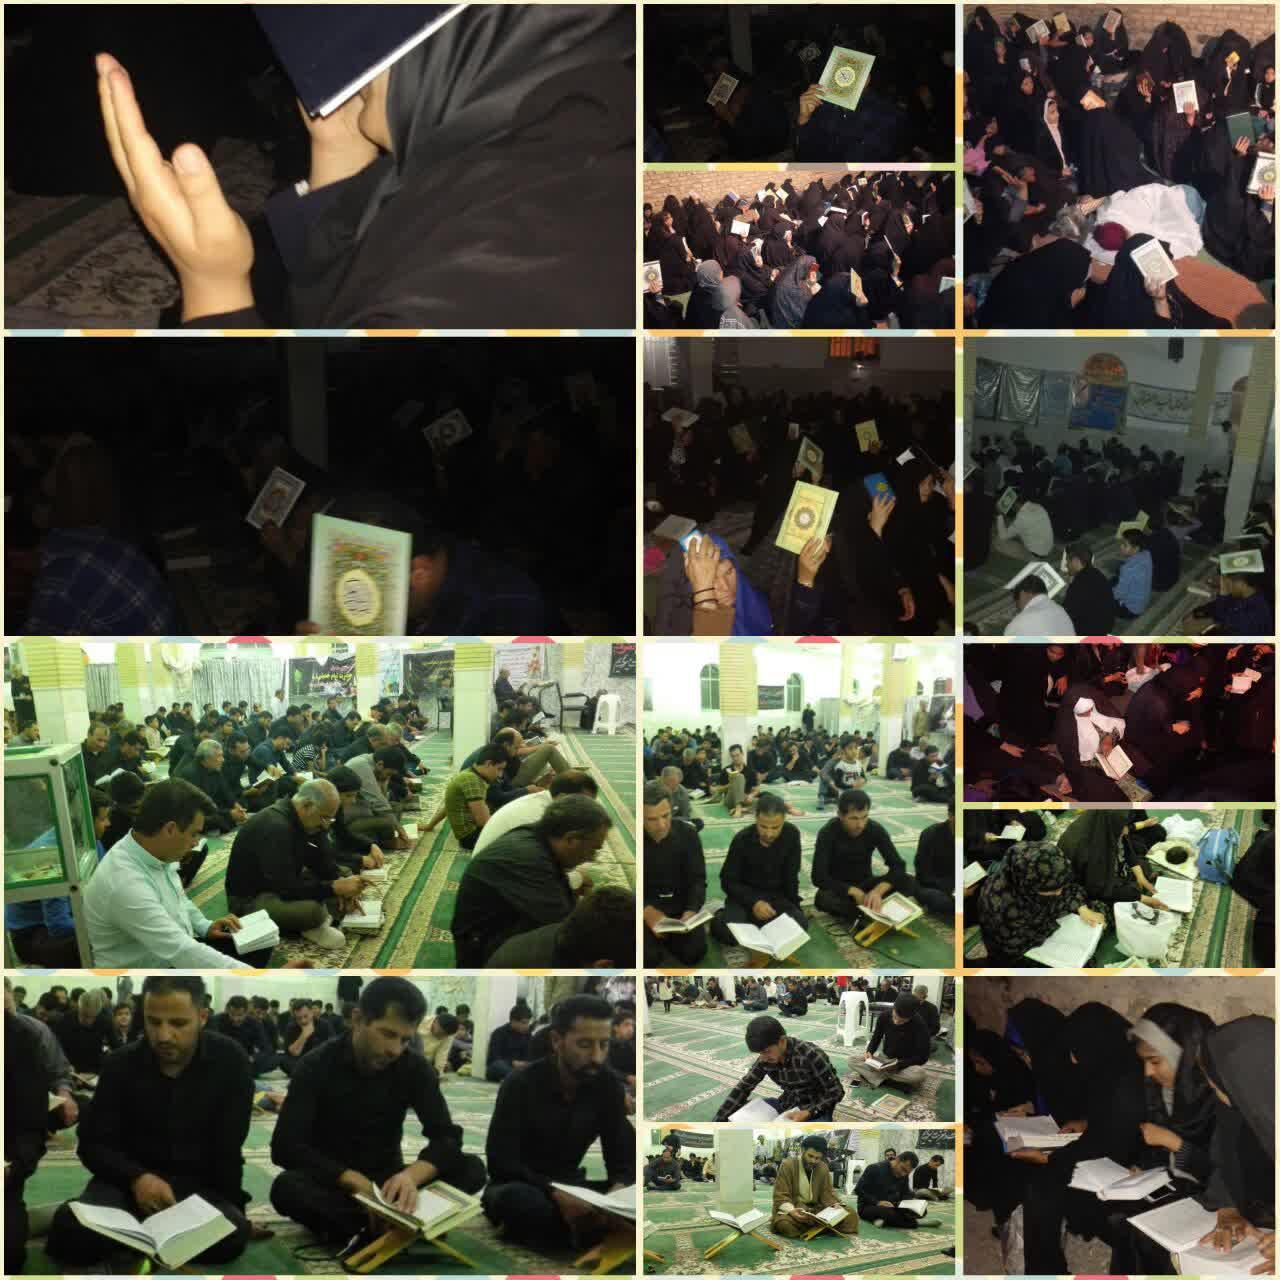 ندای العفو رابری ها در دومین شب از لیالی قدر طنین انداز شد/تصاویر